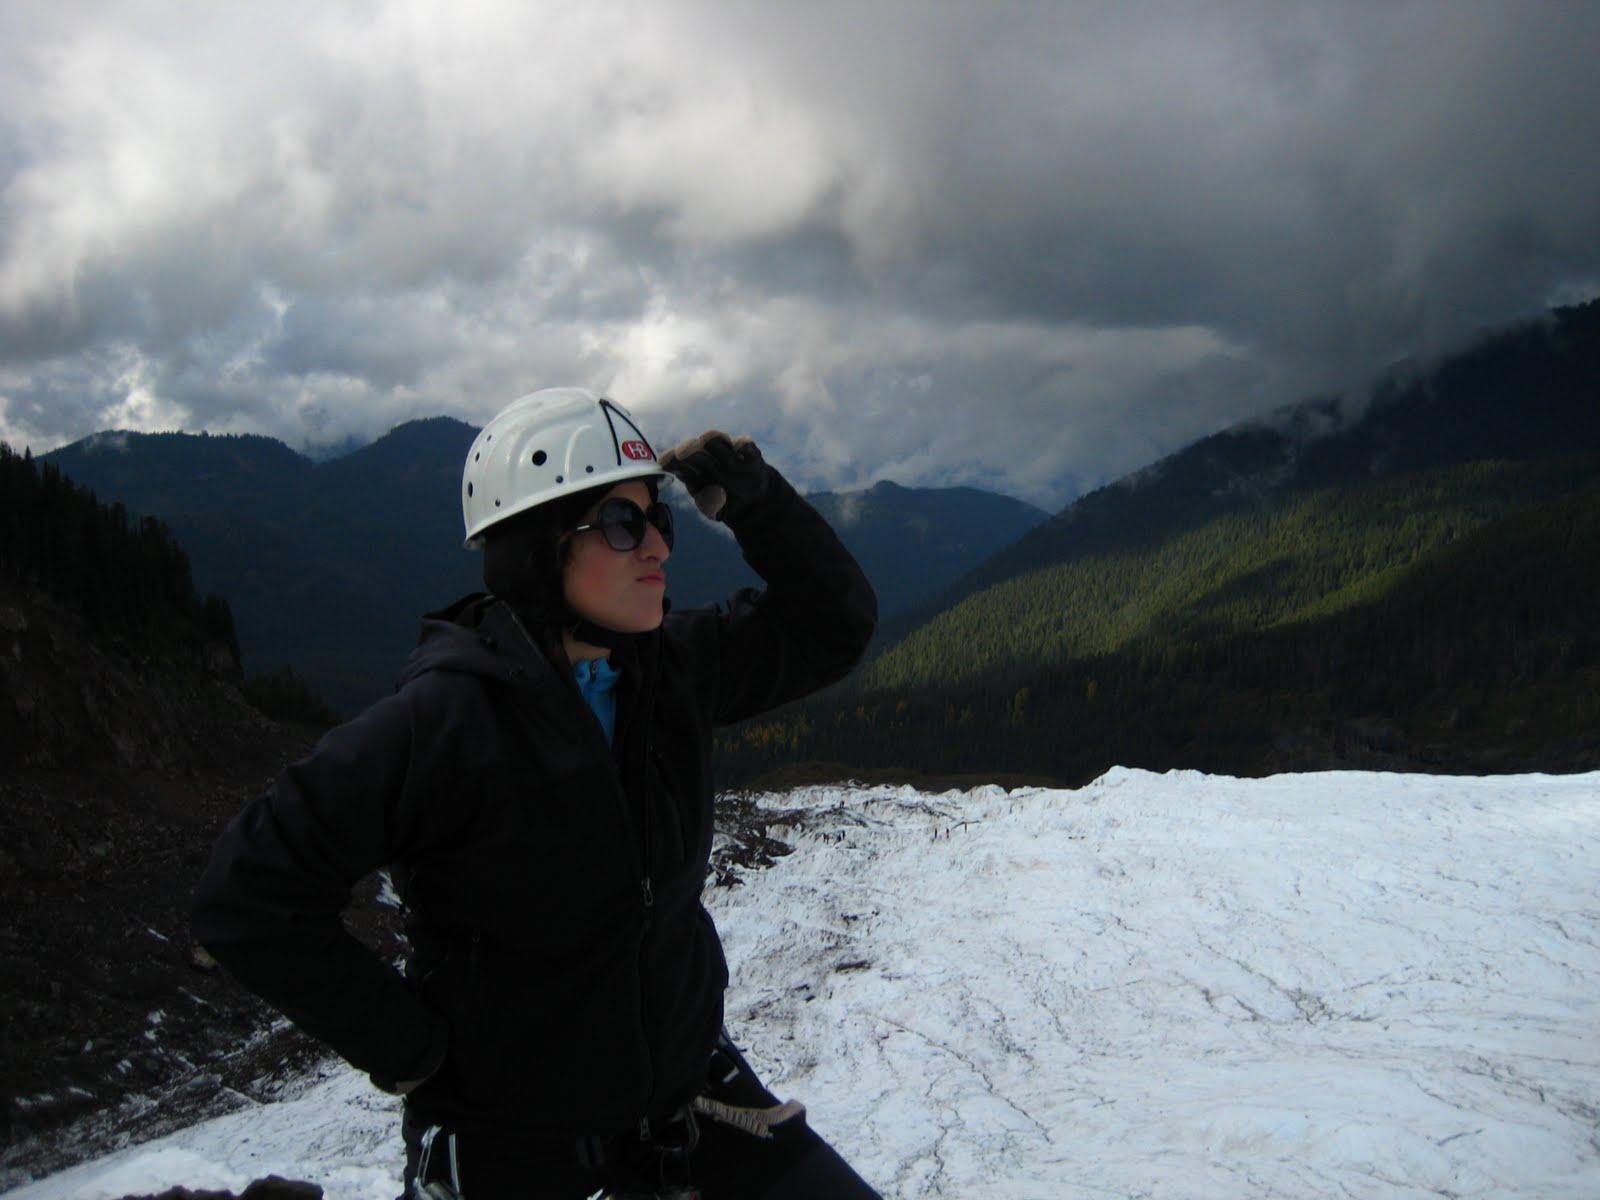 [Ice+Climbing+048.jpg]